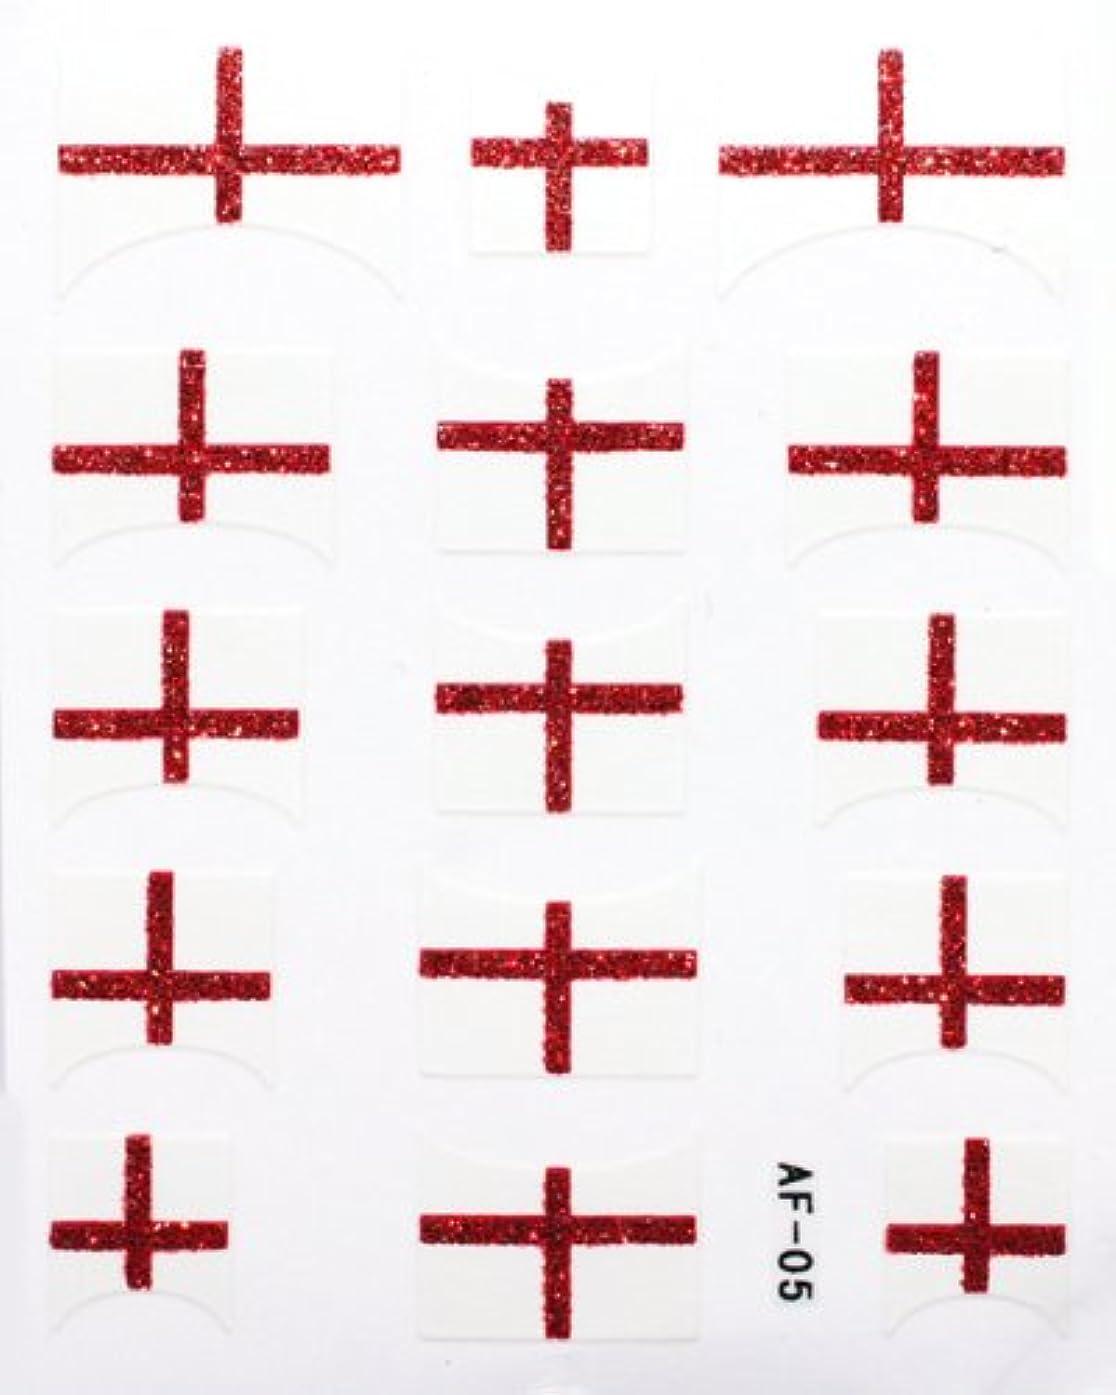 豚経済的送金きらきら逆フレンチネイルシール イングランド国旗 AF05 貼るだけ ジェルネイルアート